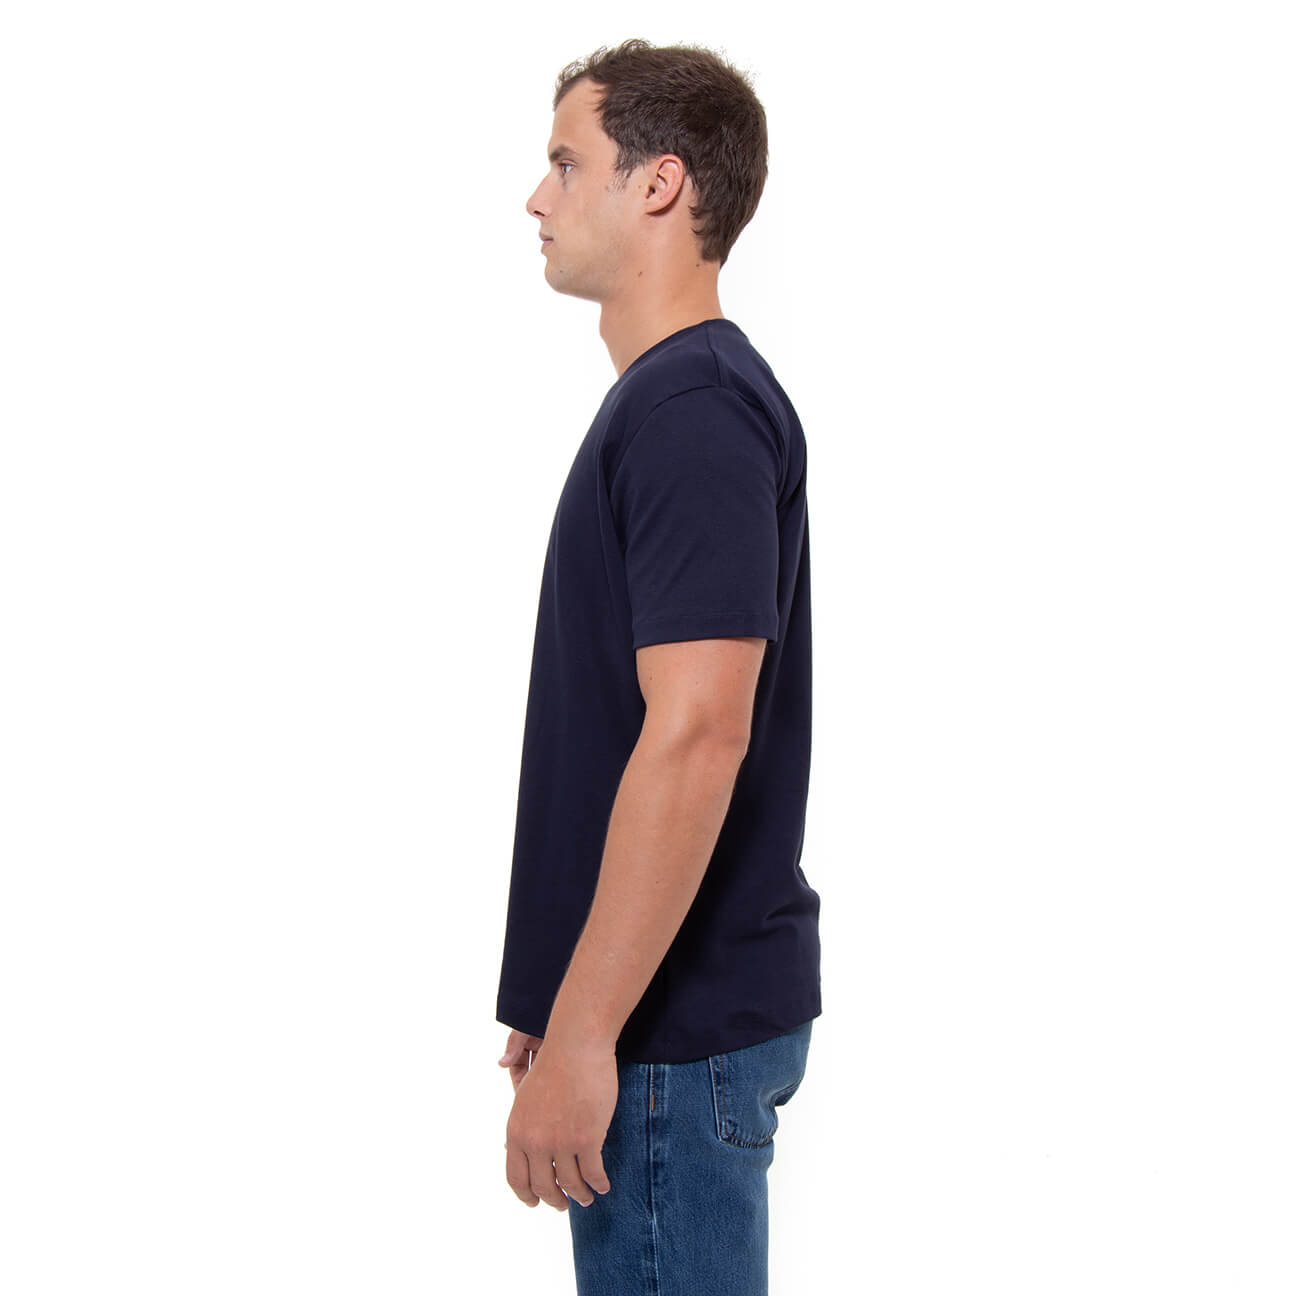 Franela azul oscura esencial para hombre cuello en V Veticales lado